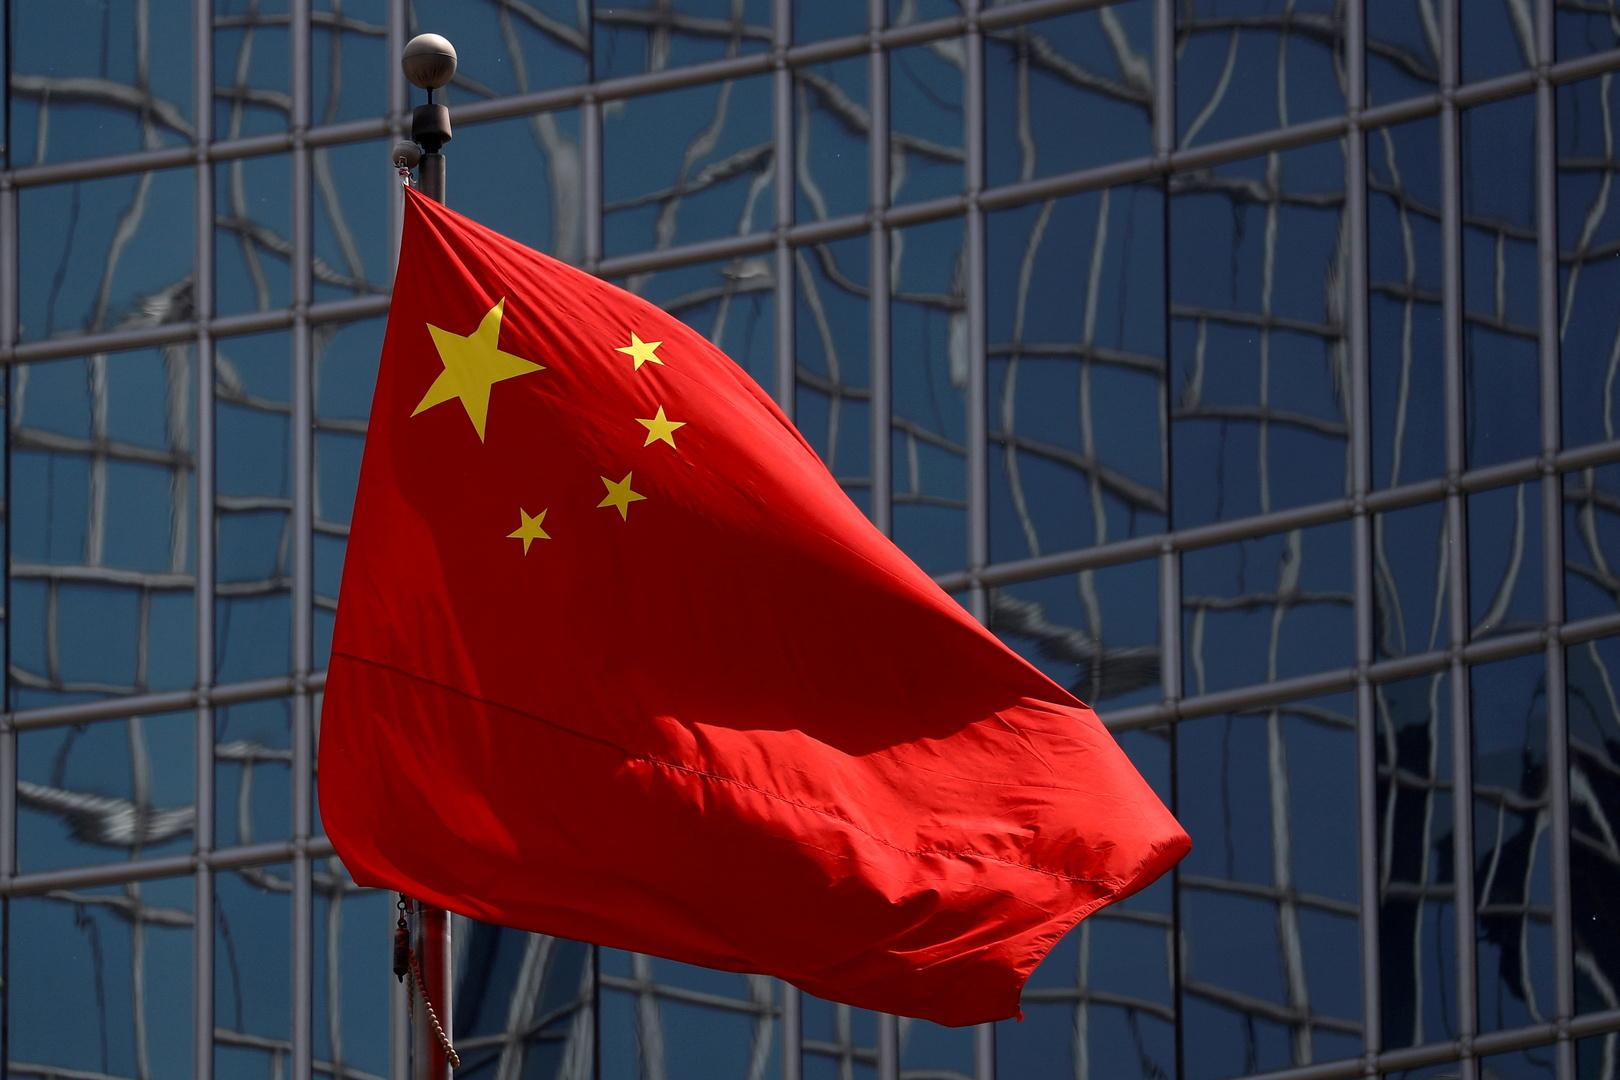 الصين ترفض انتقادات مدير الصحة العالمية حول مصدر كورونا